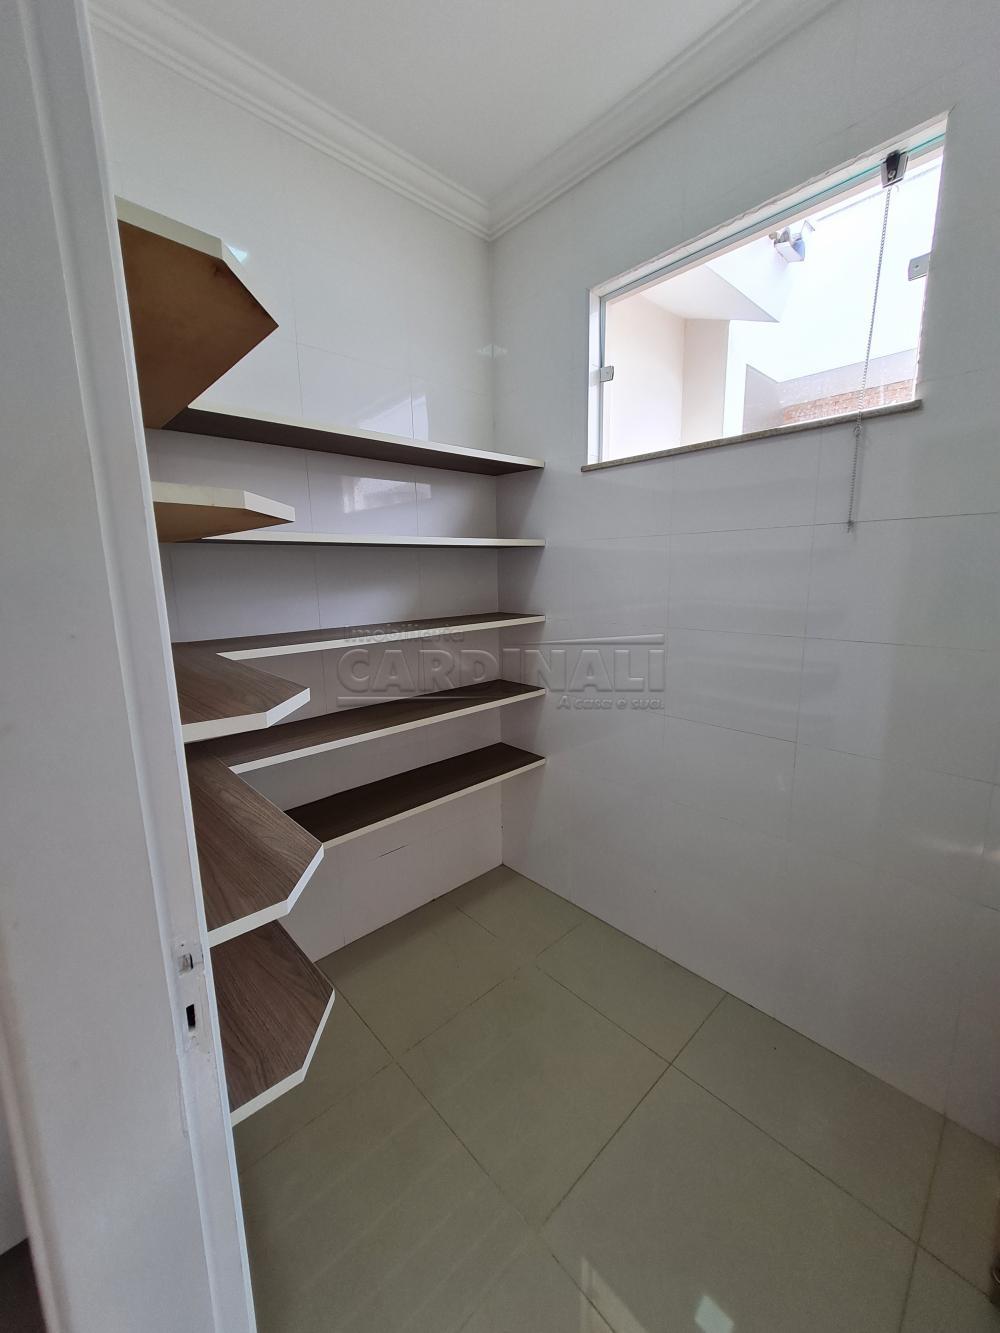 Comprar Casa / Condomínio em São Carlos R$ 865.000,00 - Foto 12